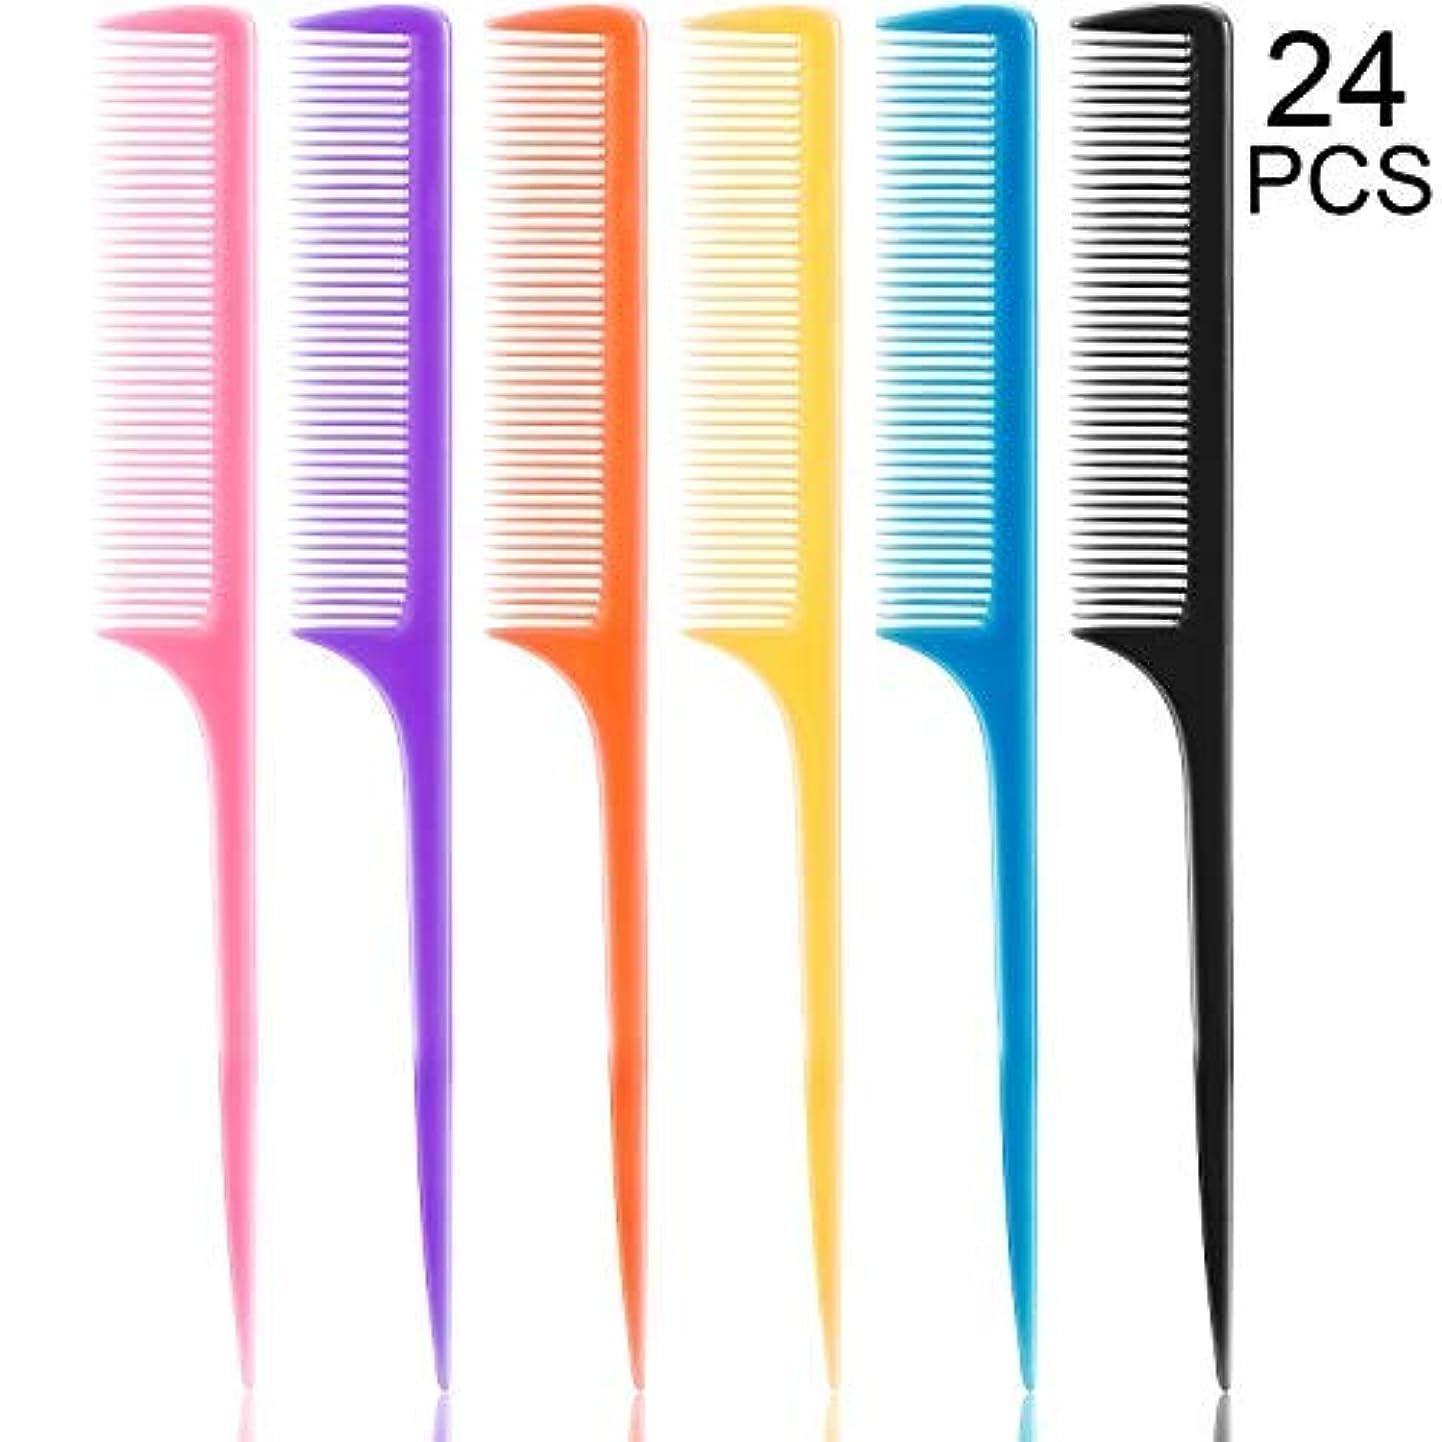 モータージャーナルログ24 Pieces Plastic Rat Tail Combs 8.5 Inch Fine-tooth Hair Combs Pin Tail Hair Styling Combs with Thin and Long...